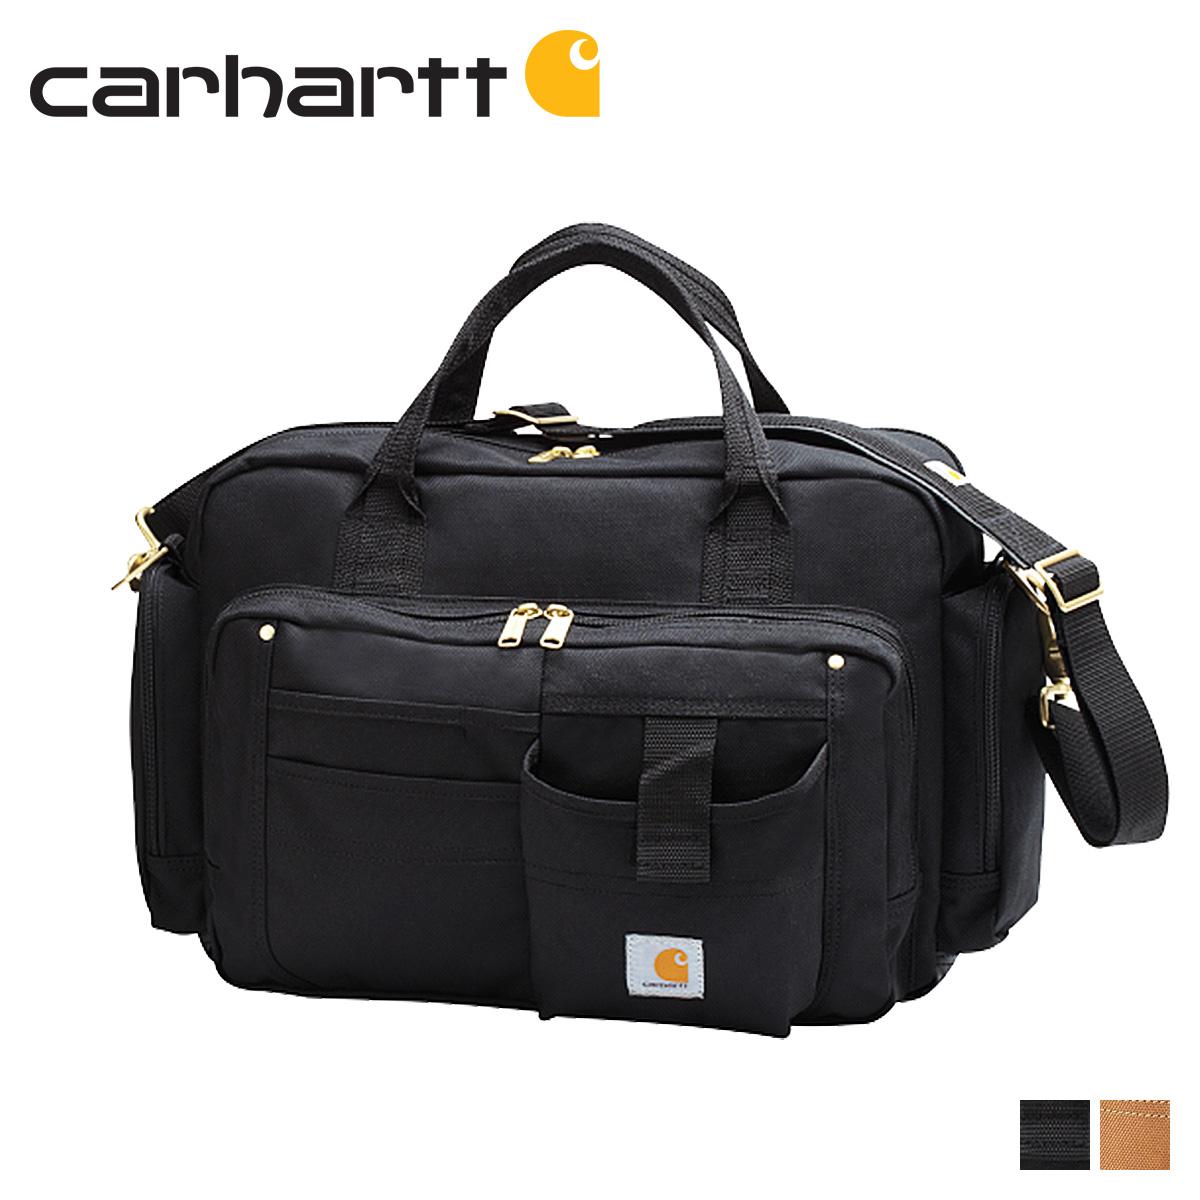 carhartt カーハート バッグ ブリーフケース メンズ レディース LEGACY DELUXE BRIEF BAG ブラック ブラウン 黒 100431